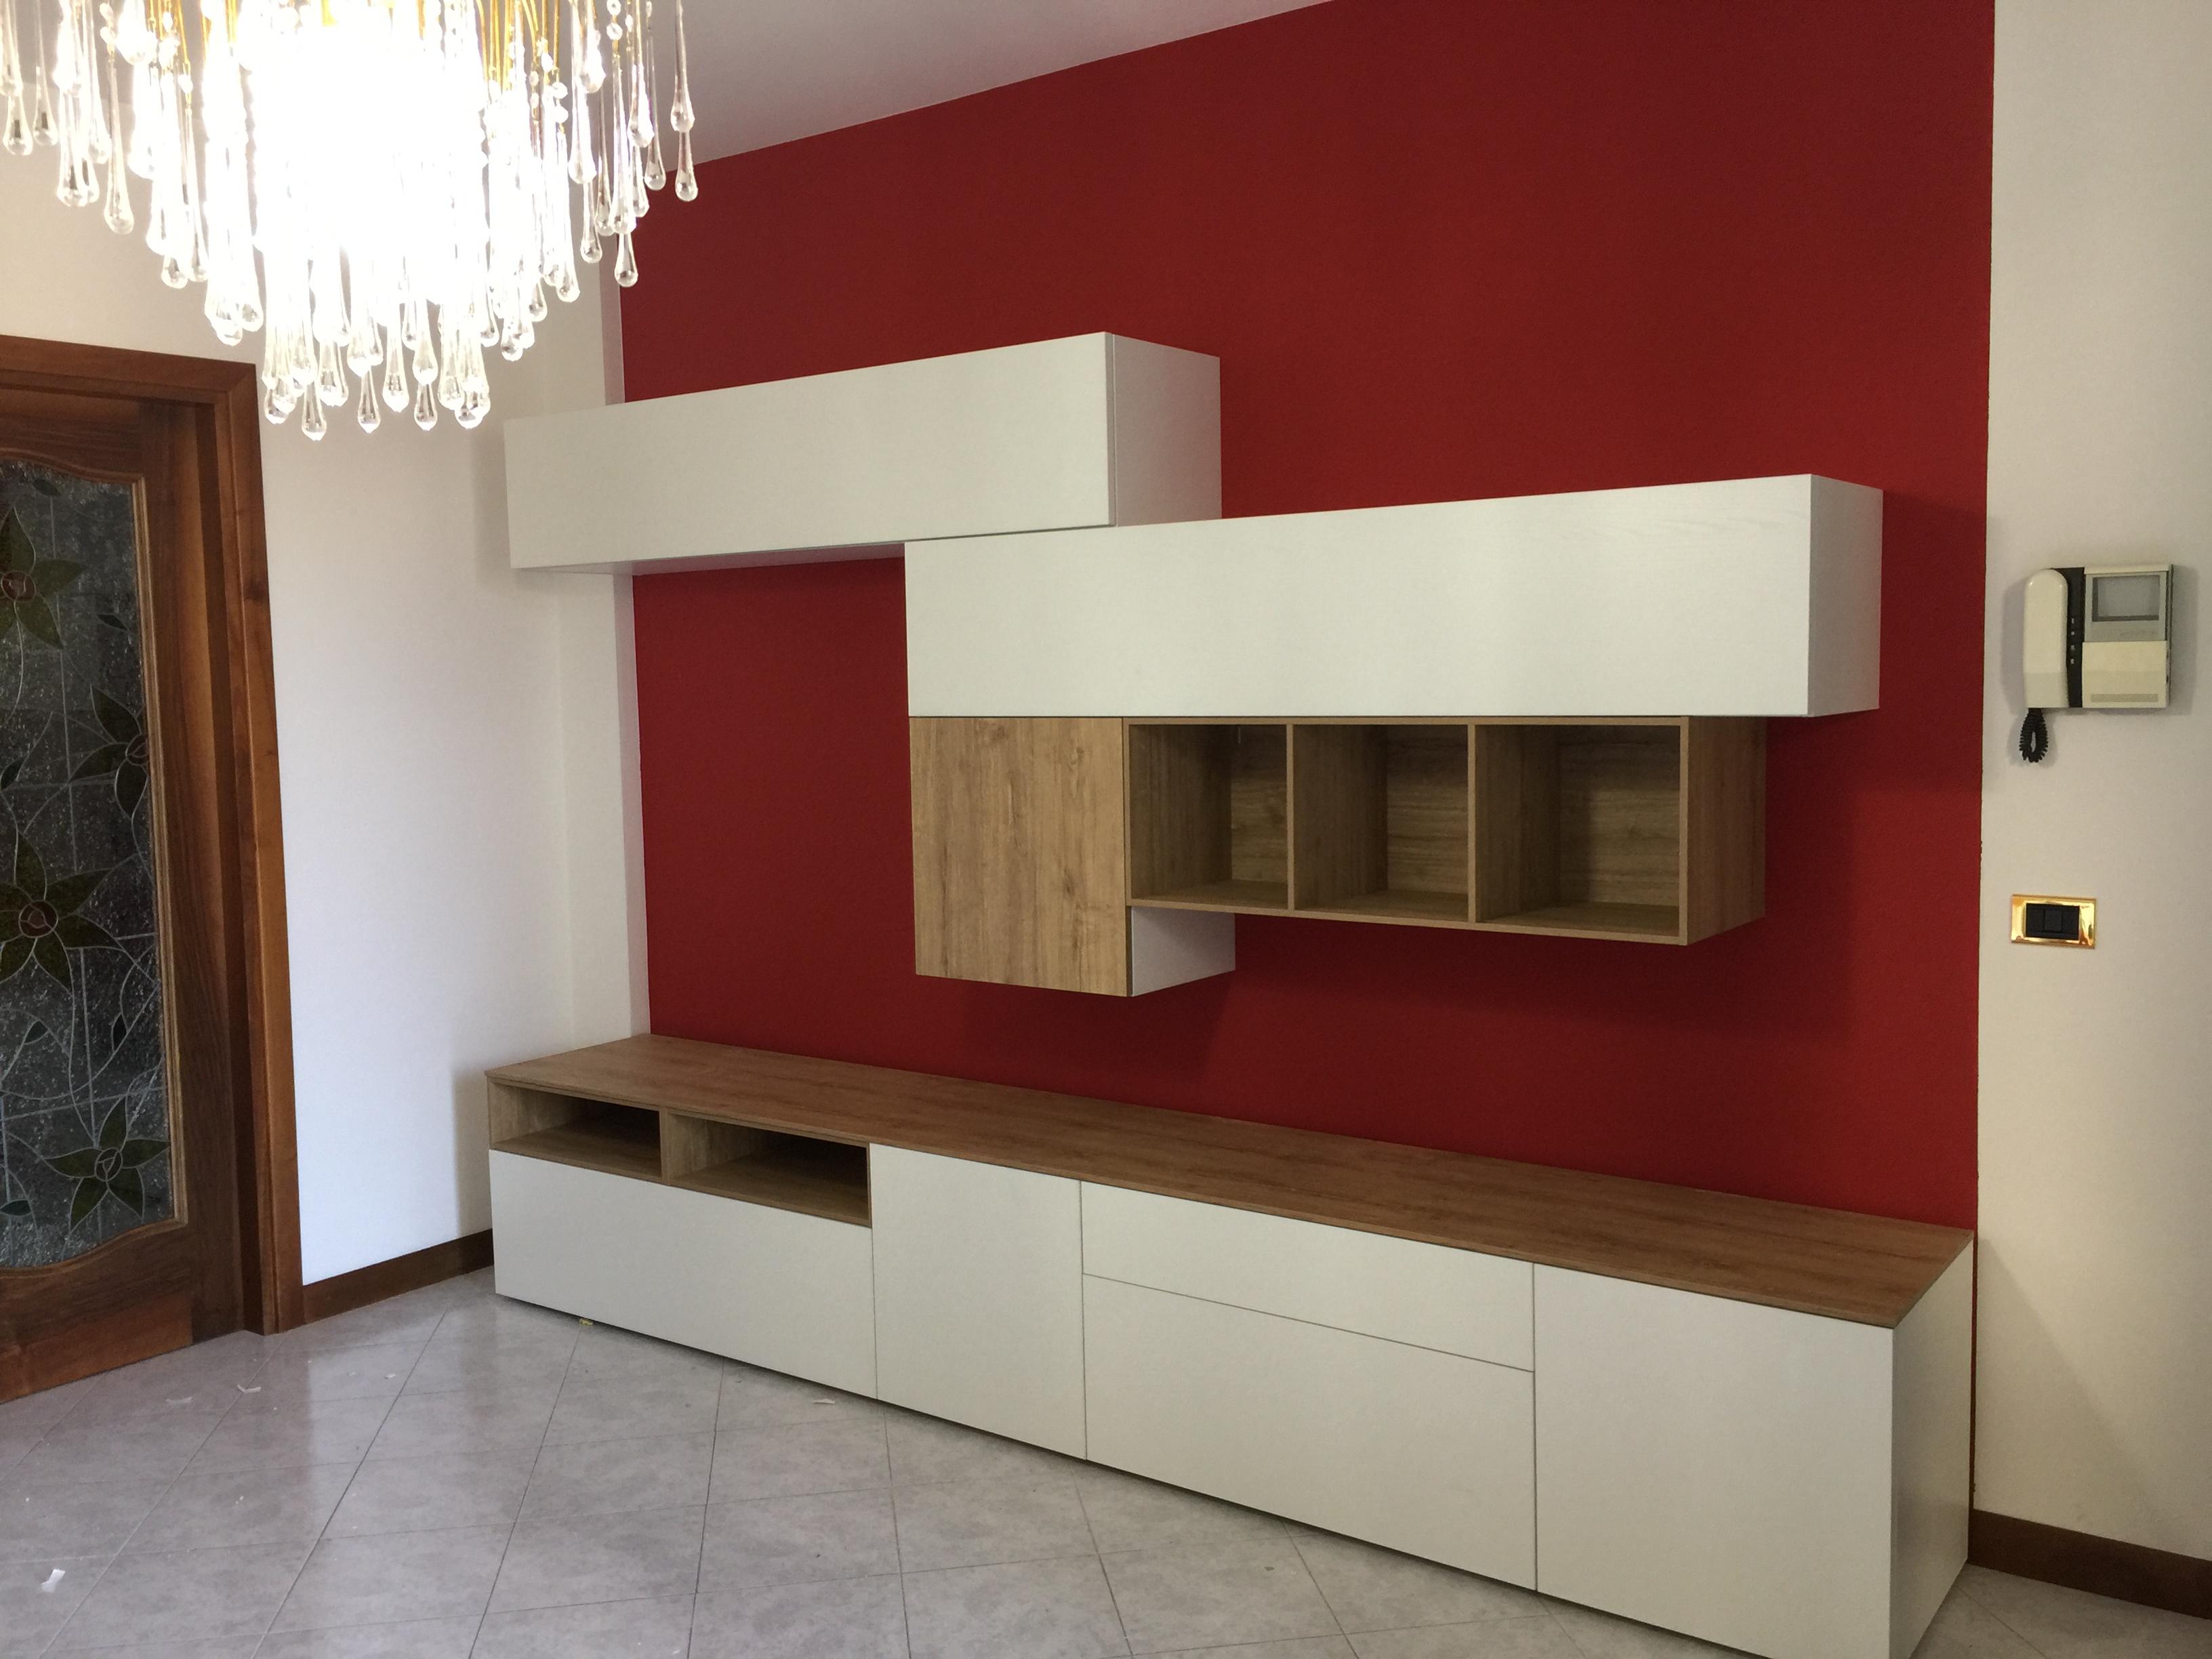 Lago Soggiorni Moderni.Soggiorno Arredamento Brescia Creazione D Interni